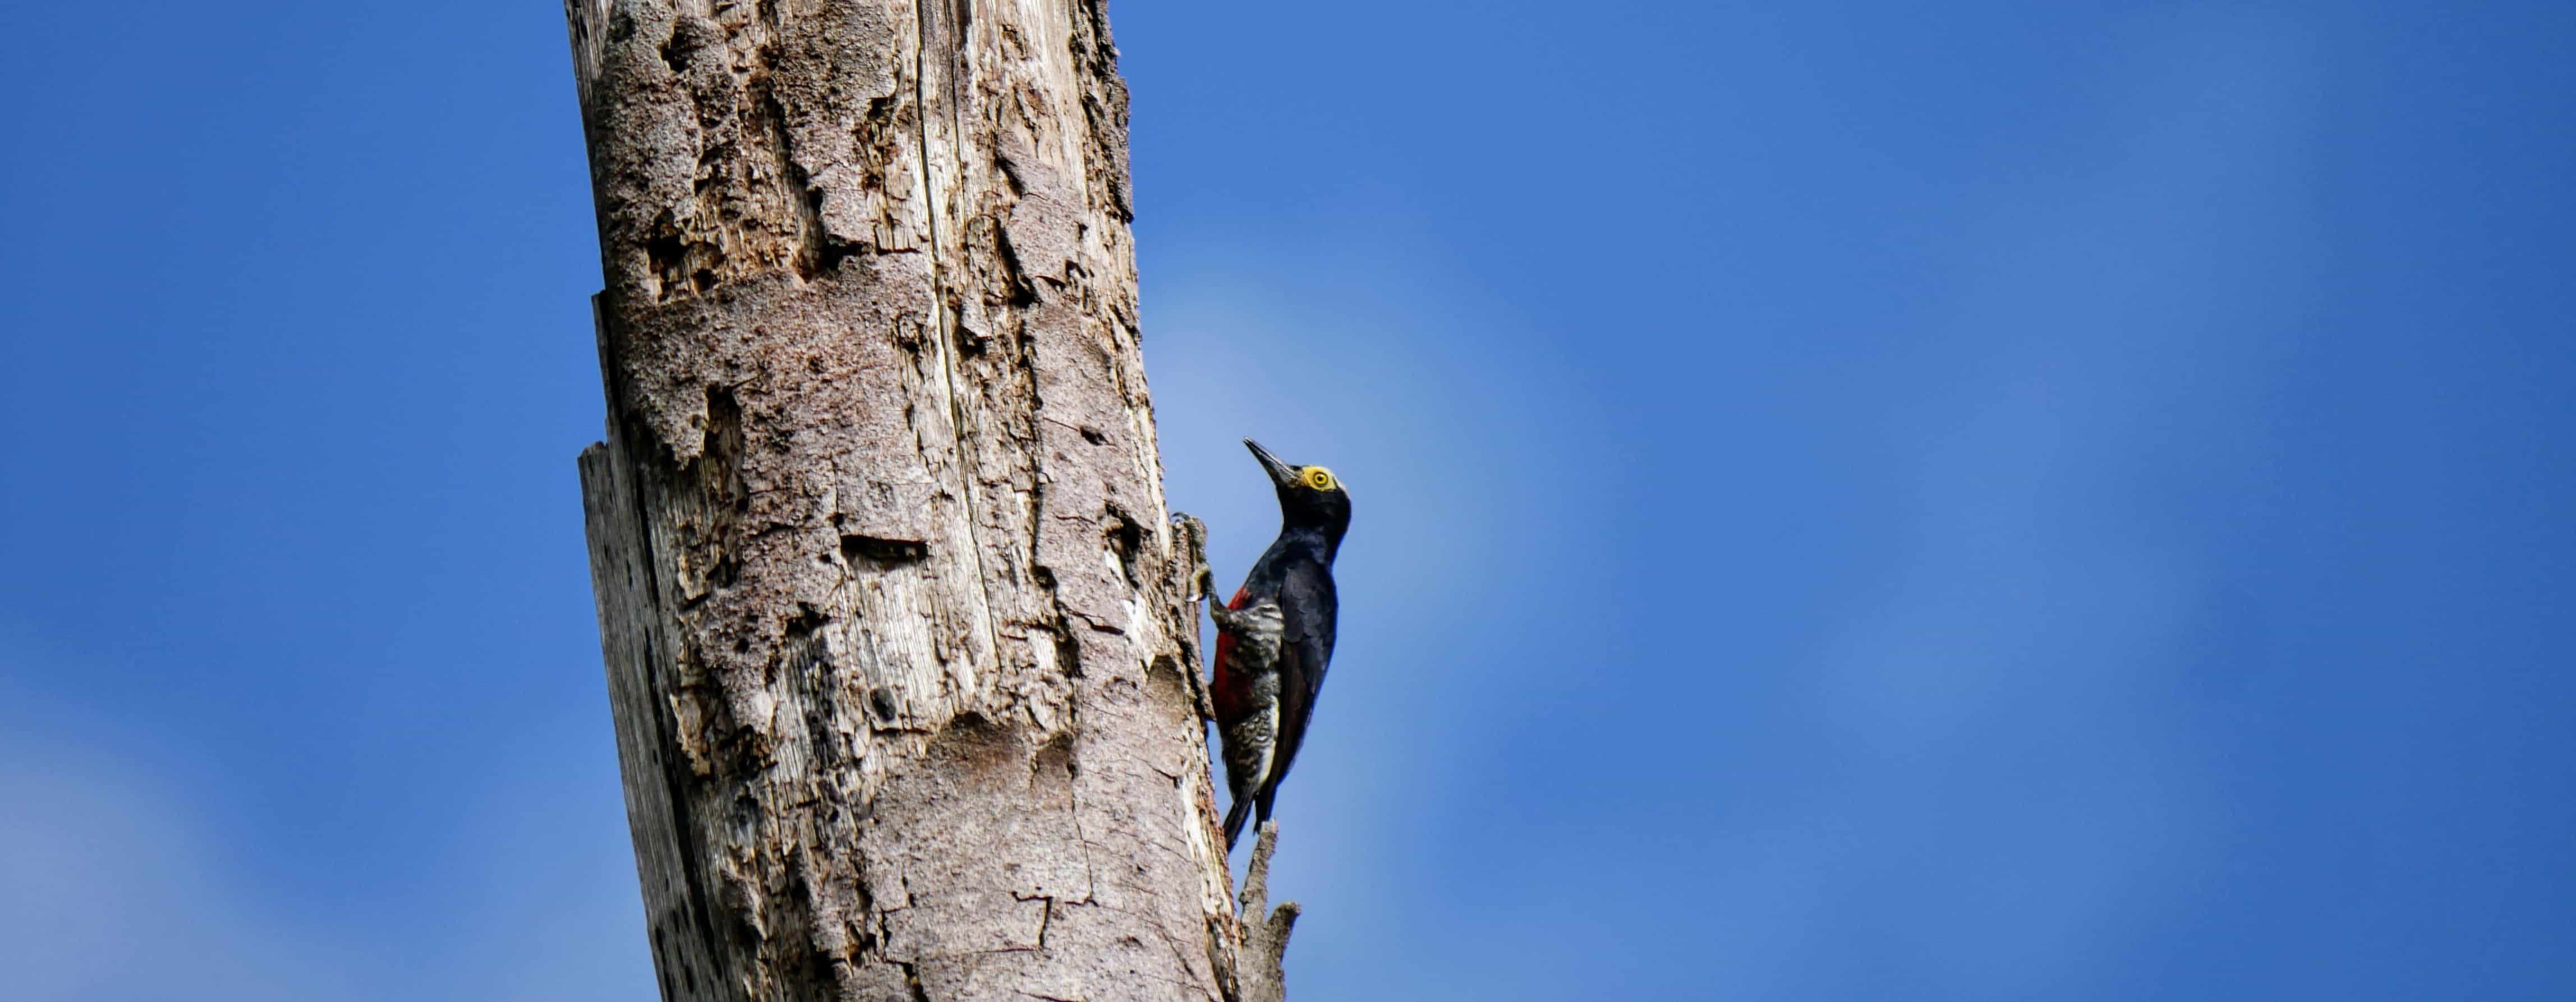 Common Trees of the Amazon Rainforest